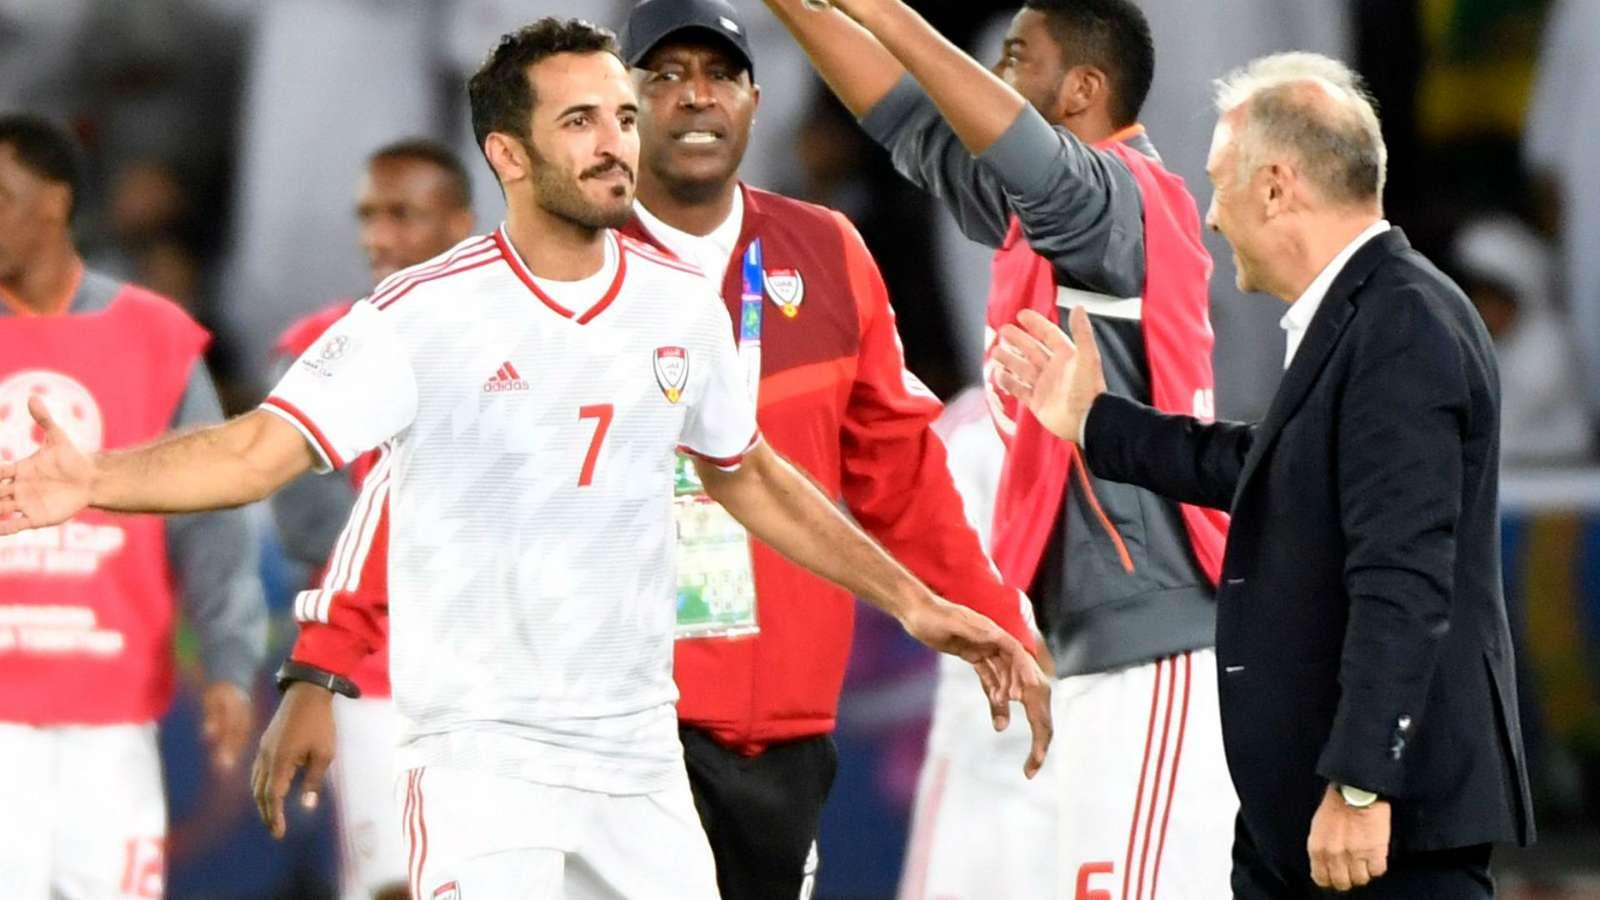 كأس آسيا- الإمارات وتايلاند الى الدور القادم والبحرين تحافظ على آمالها